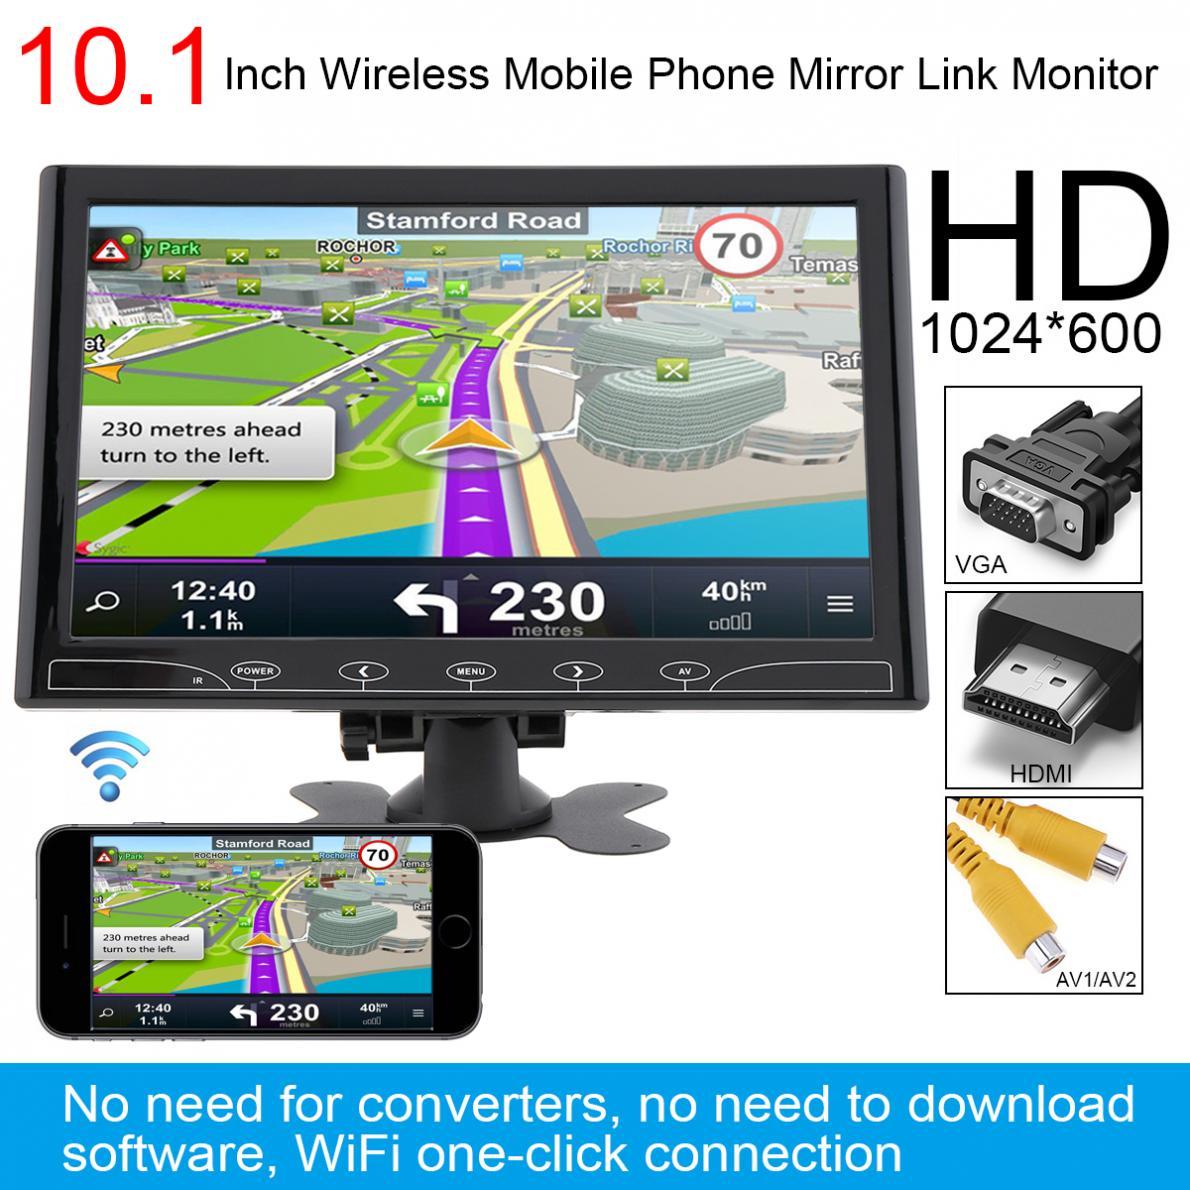 10.1 pouce HD IPS 1024*600 TFT LCD Universel Voiture Appui-Tête Moniteur Soutien HDMI/VGA/AV/ sans fil Mobile Téléphone Miroir Lien